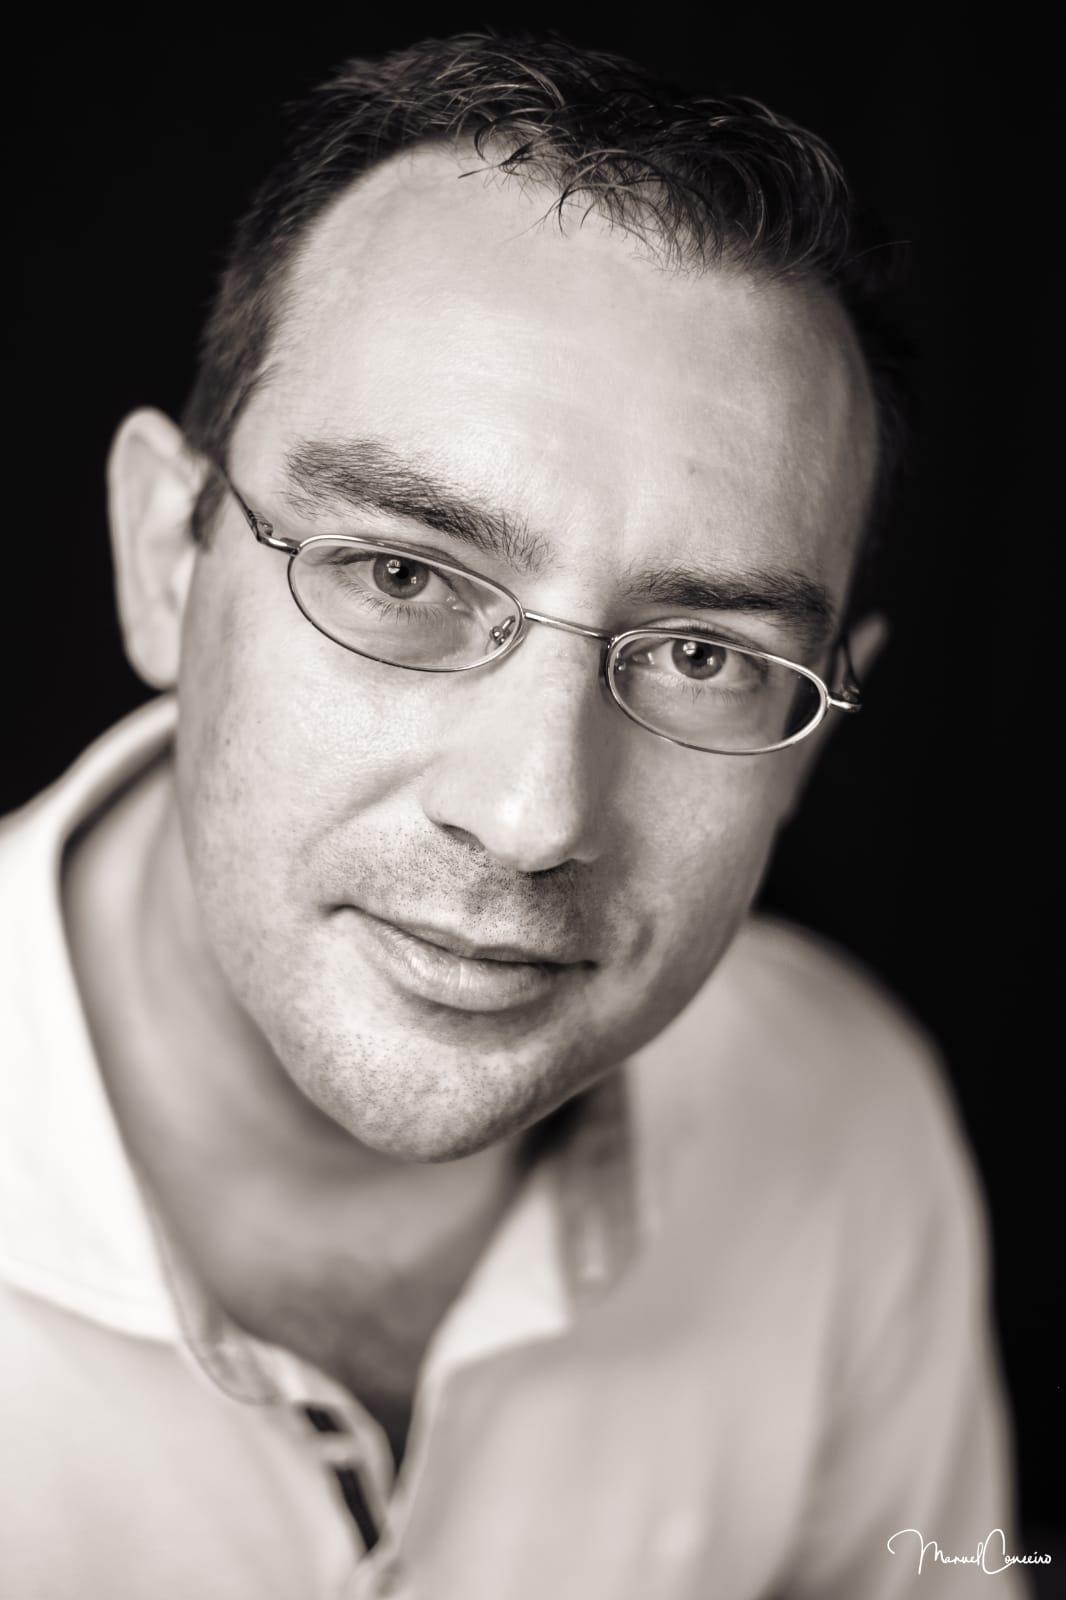 Agustín Celis